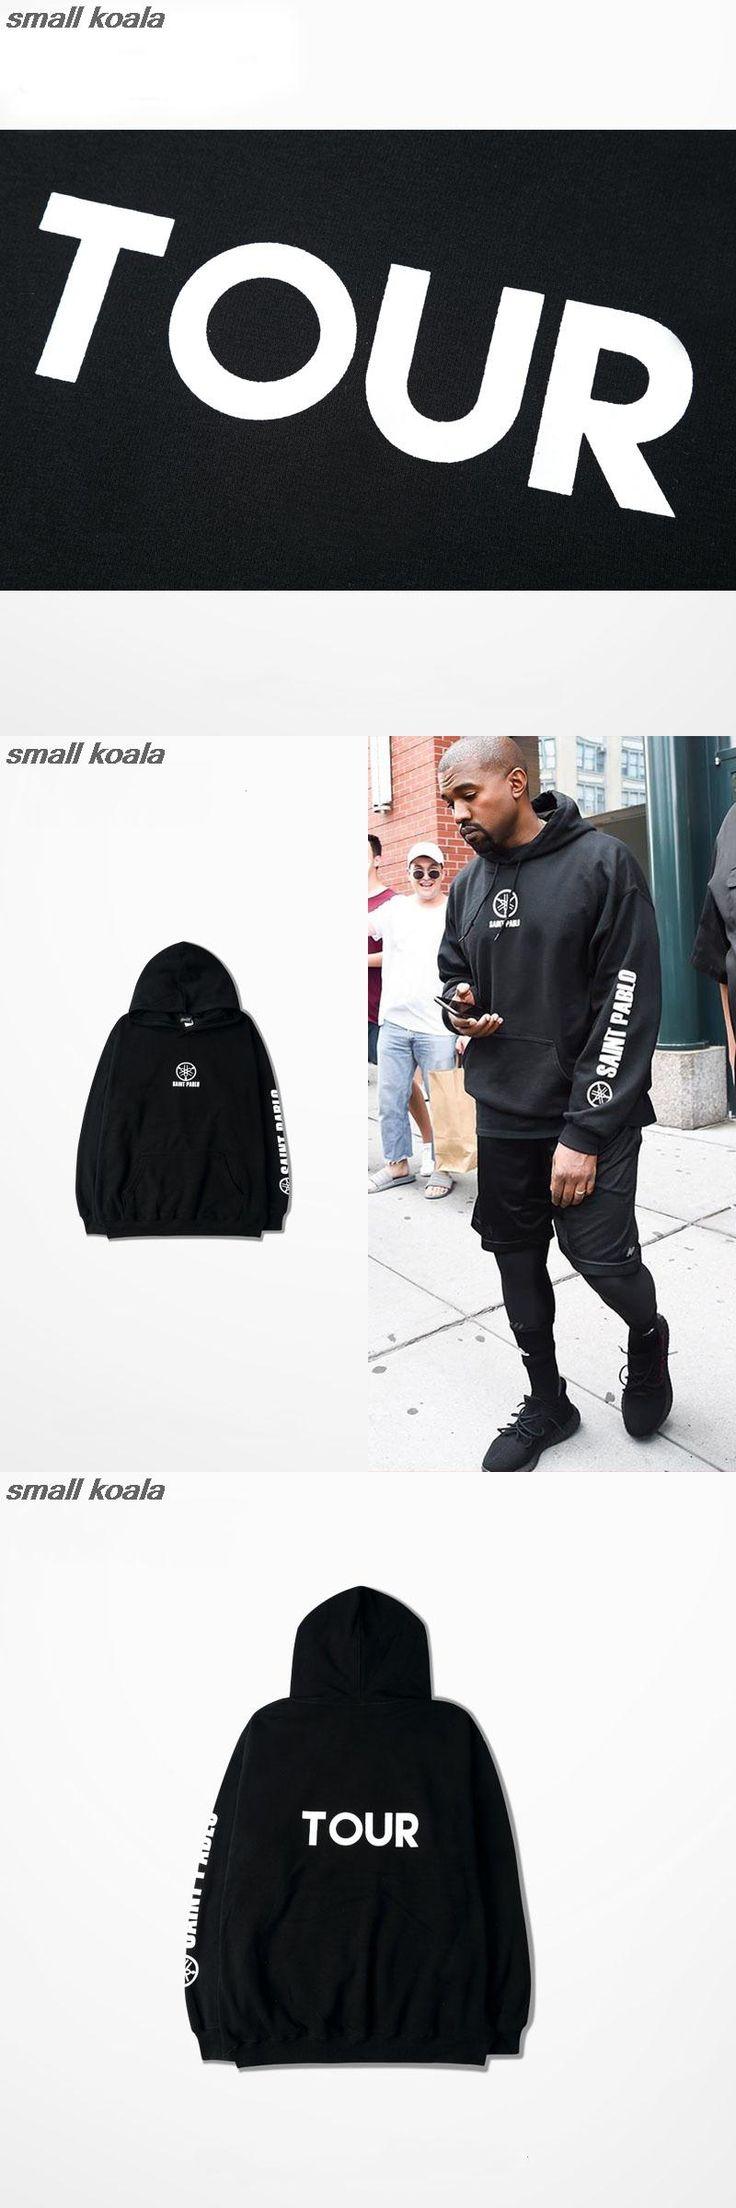 hoodie men hip hop for big man tracksuit Kanye west tour  season 3 clothing camiseta saint pablo sweatshirts